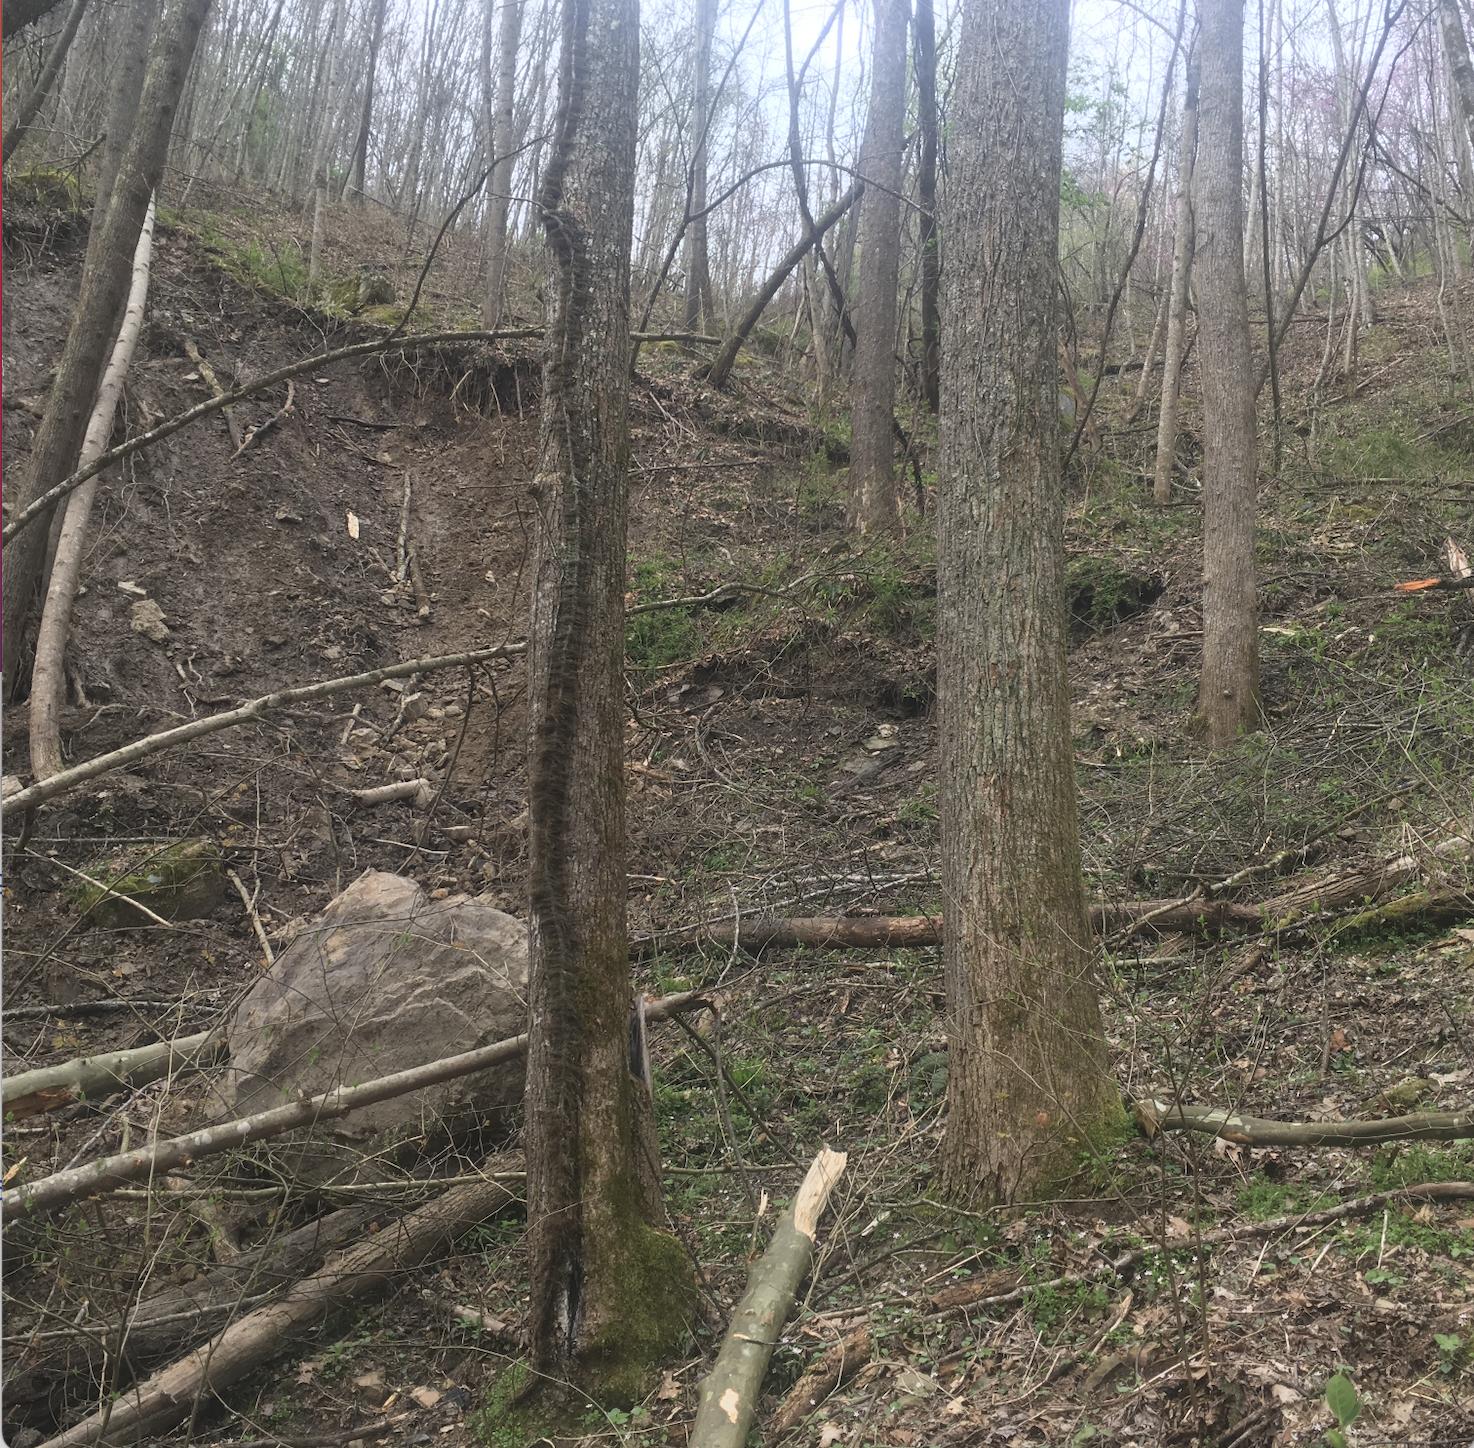 Landslide story